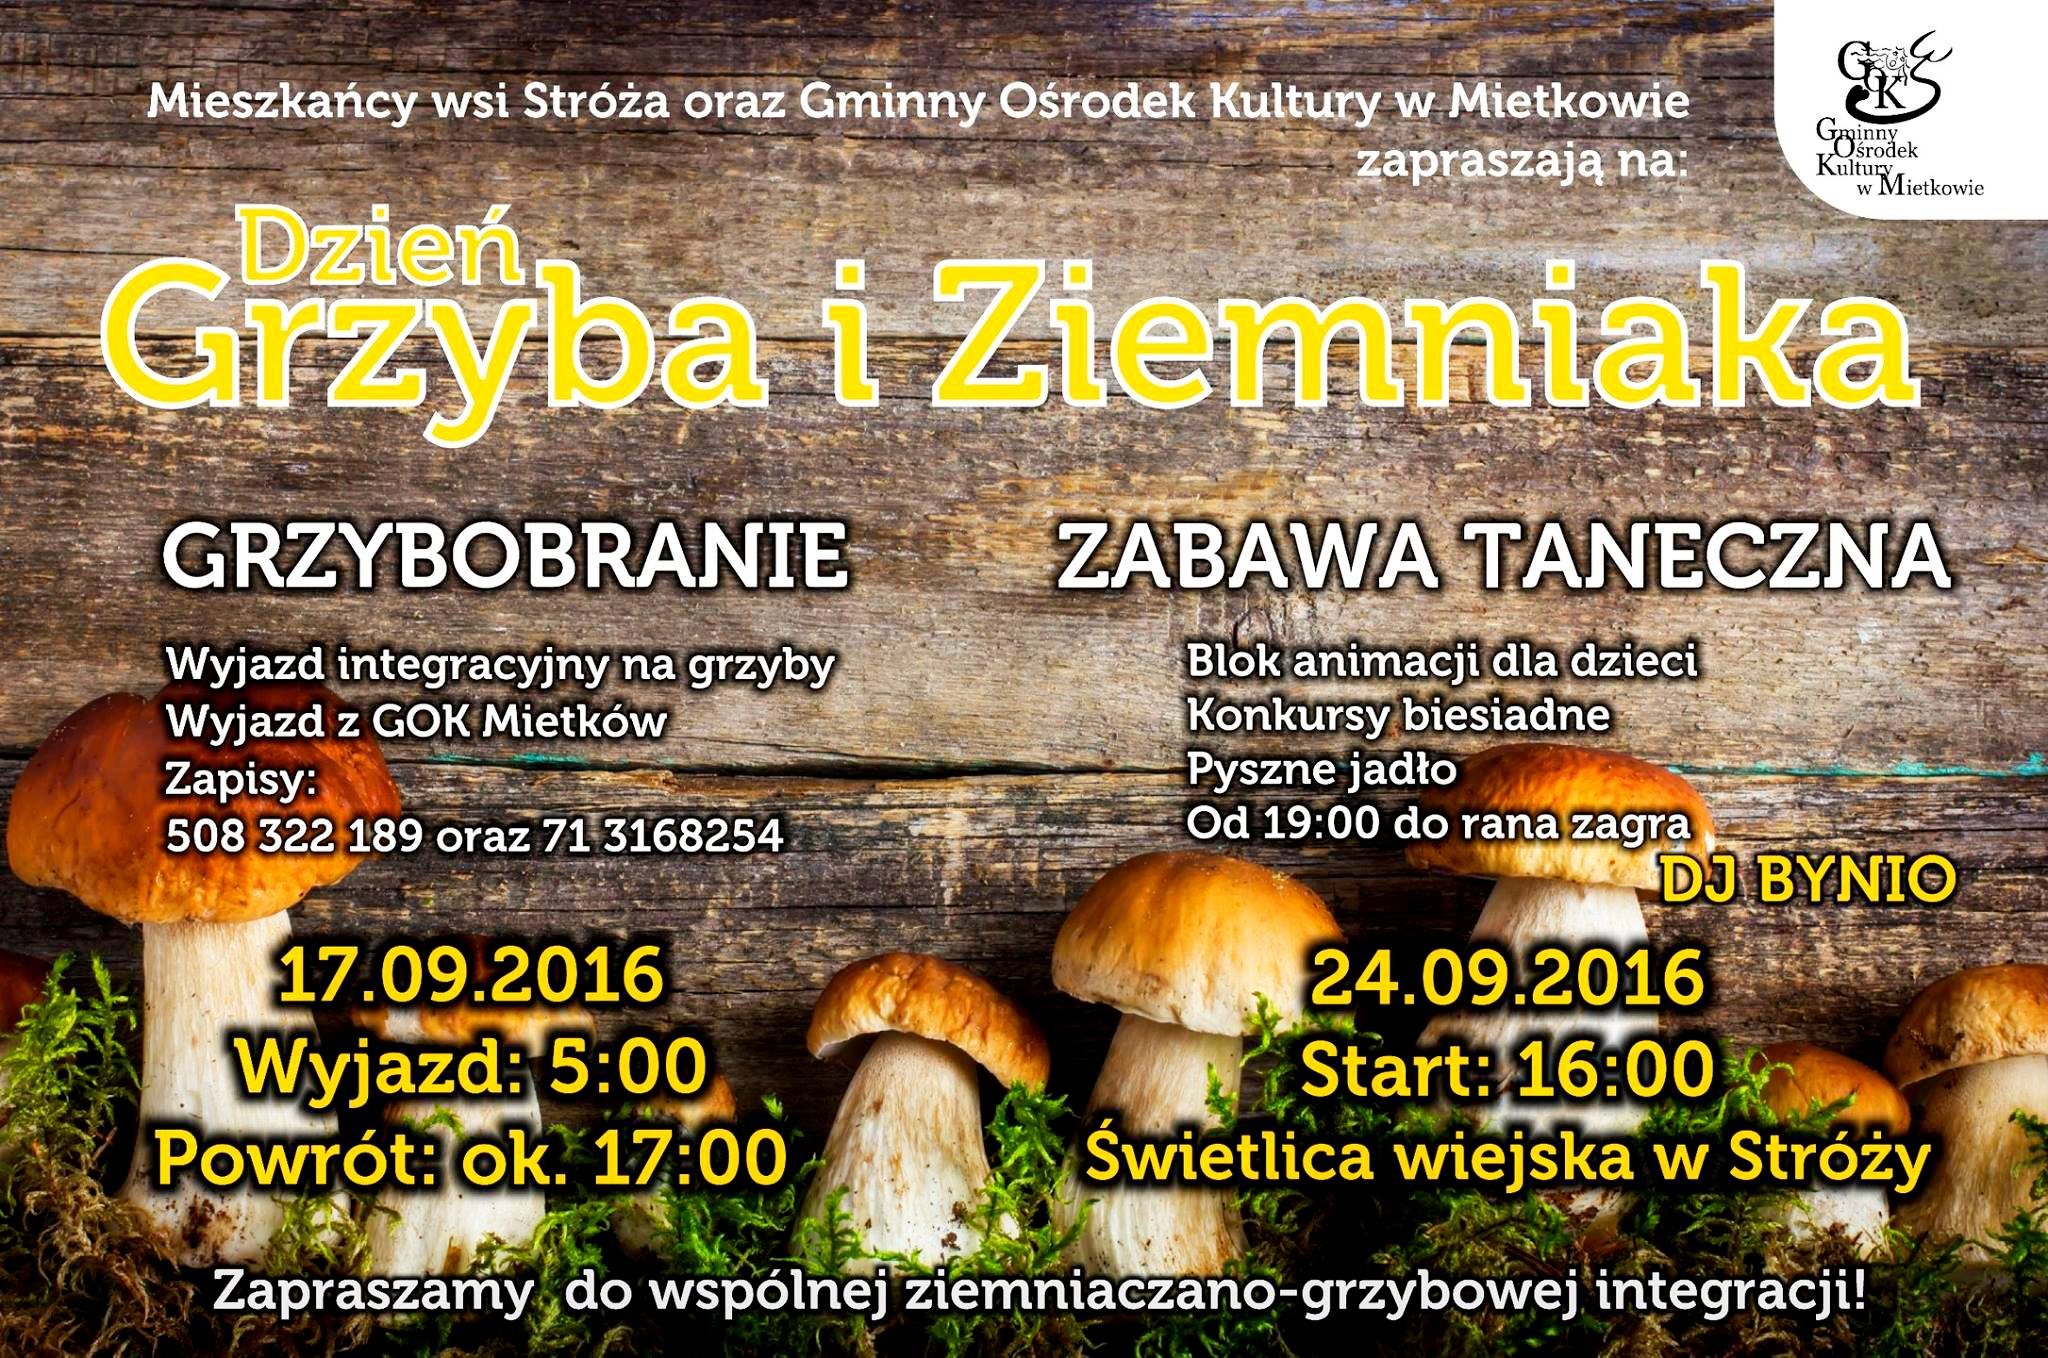 dzien_grzyba_i_ziemnaka